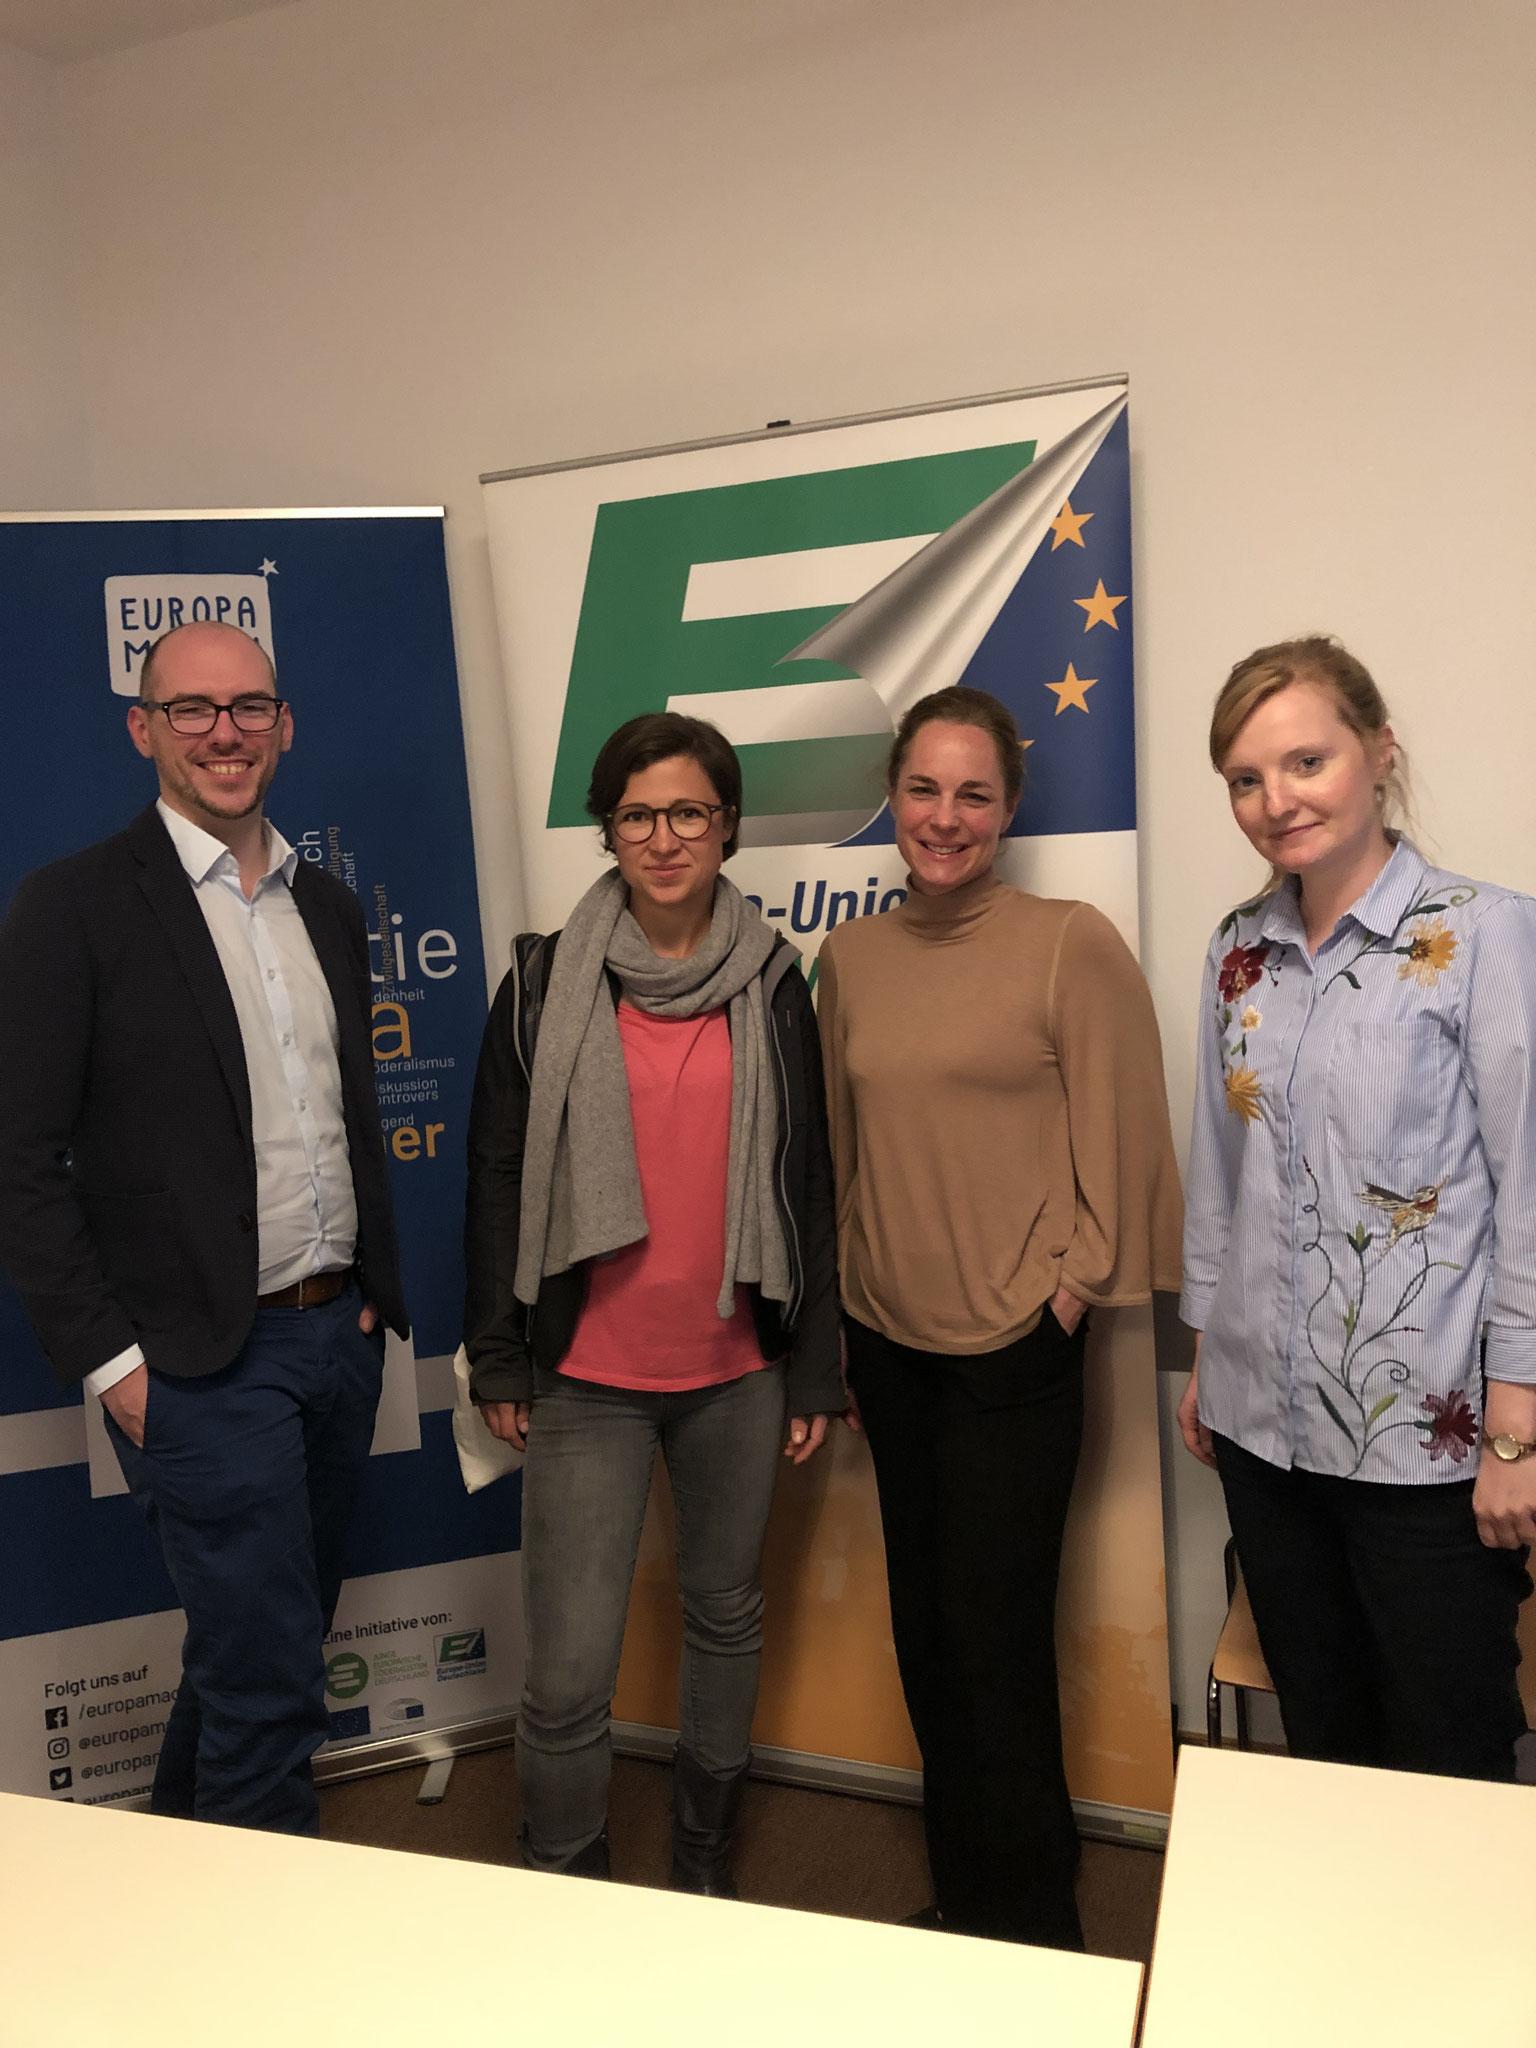 Europawahl 2019 mit Hannah Neumann und Hildegard Bentele